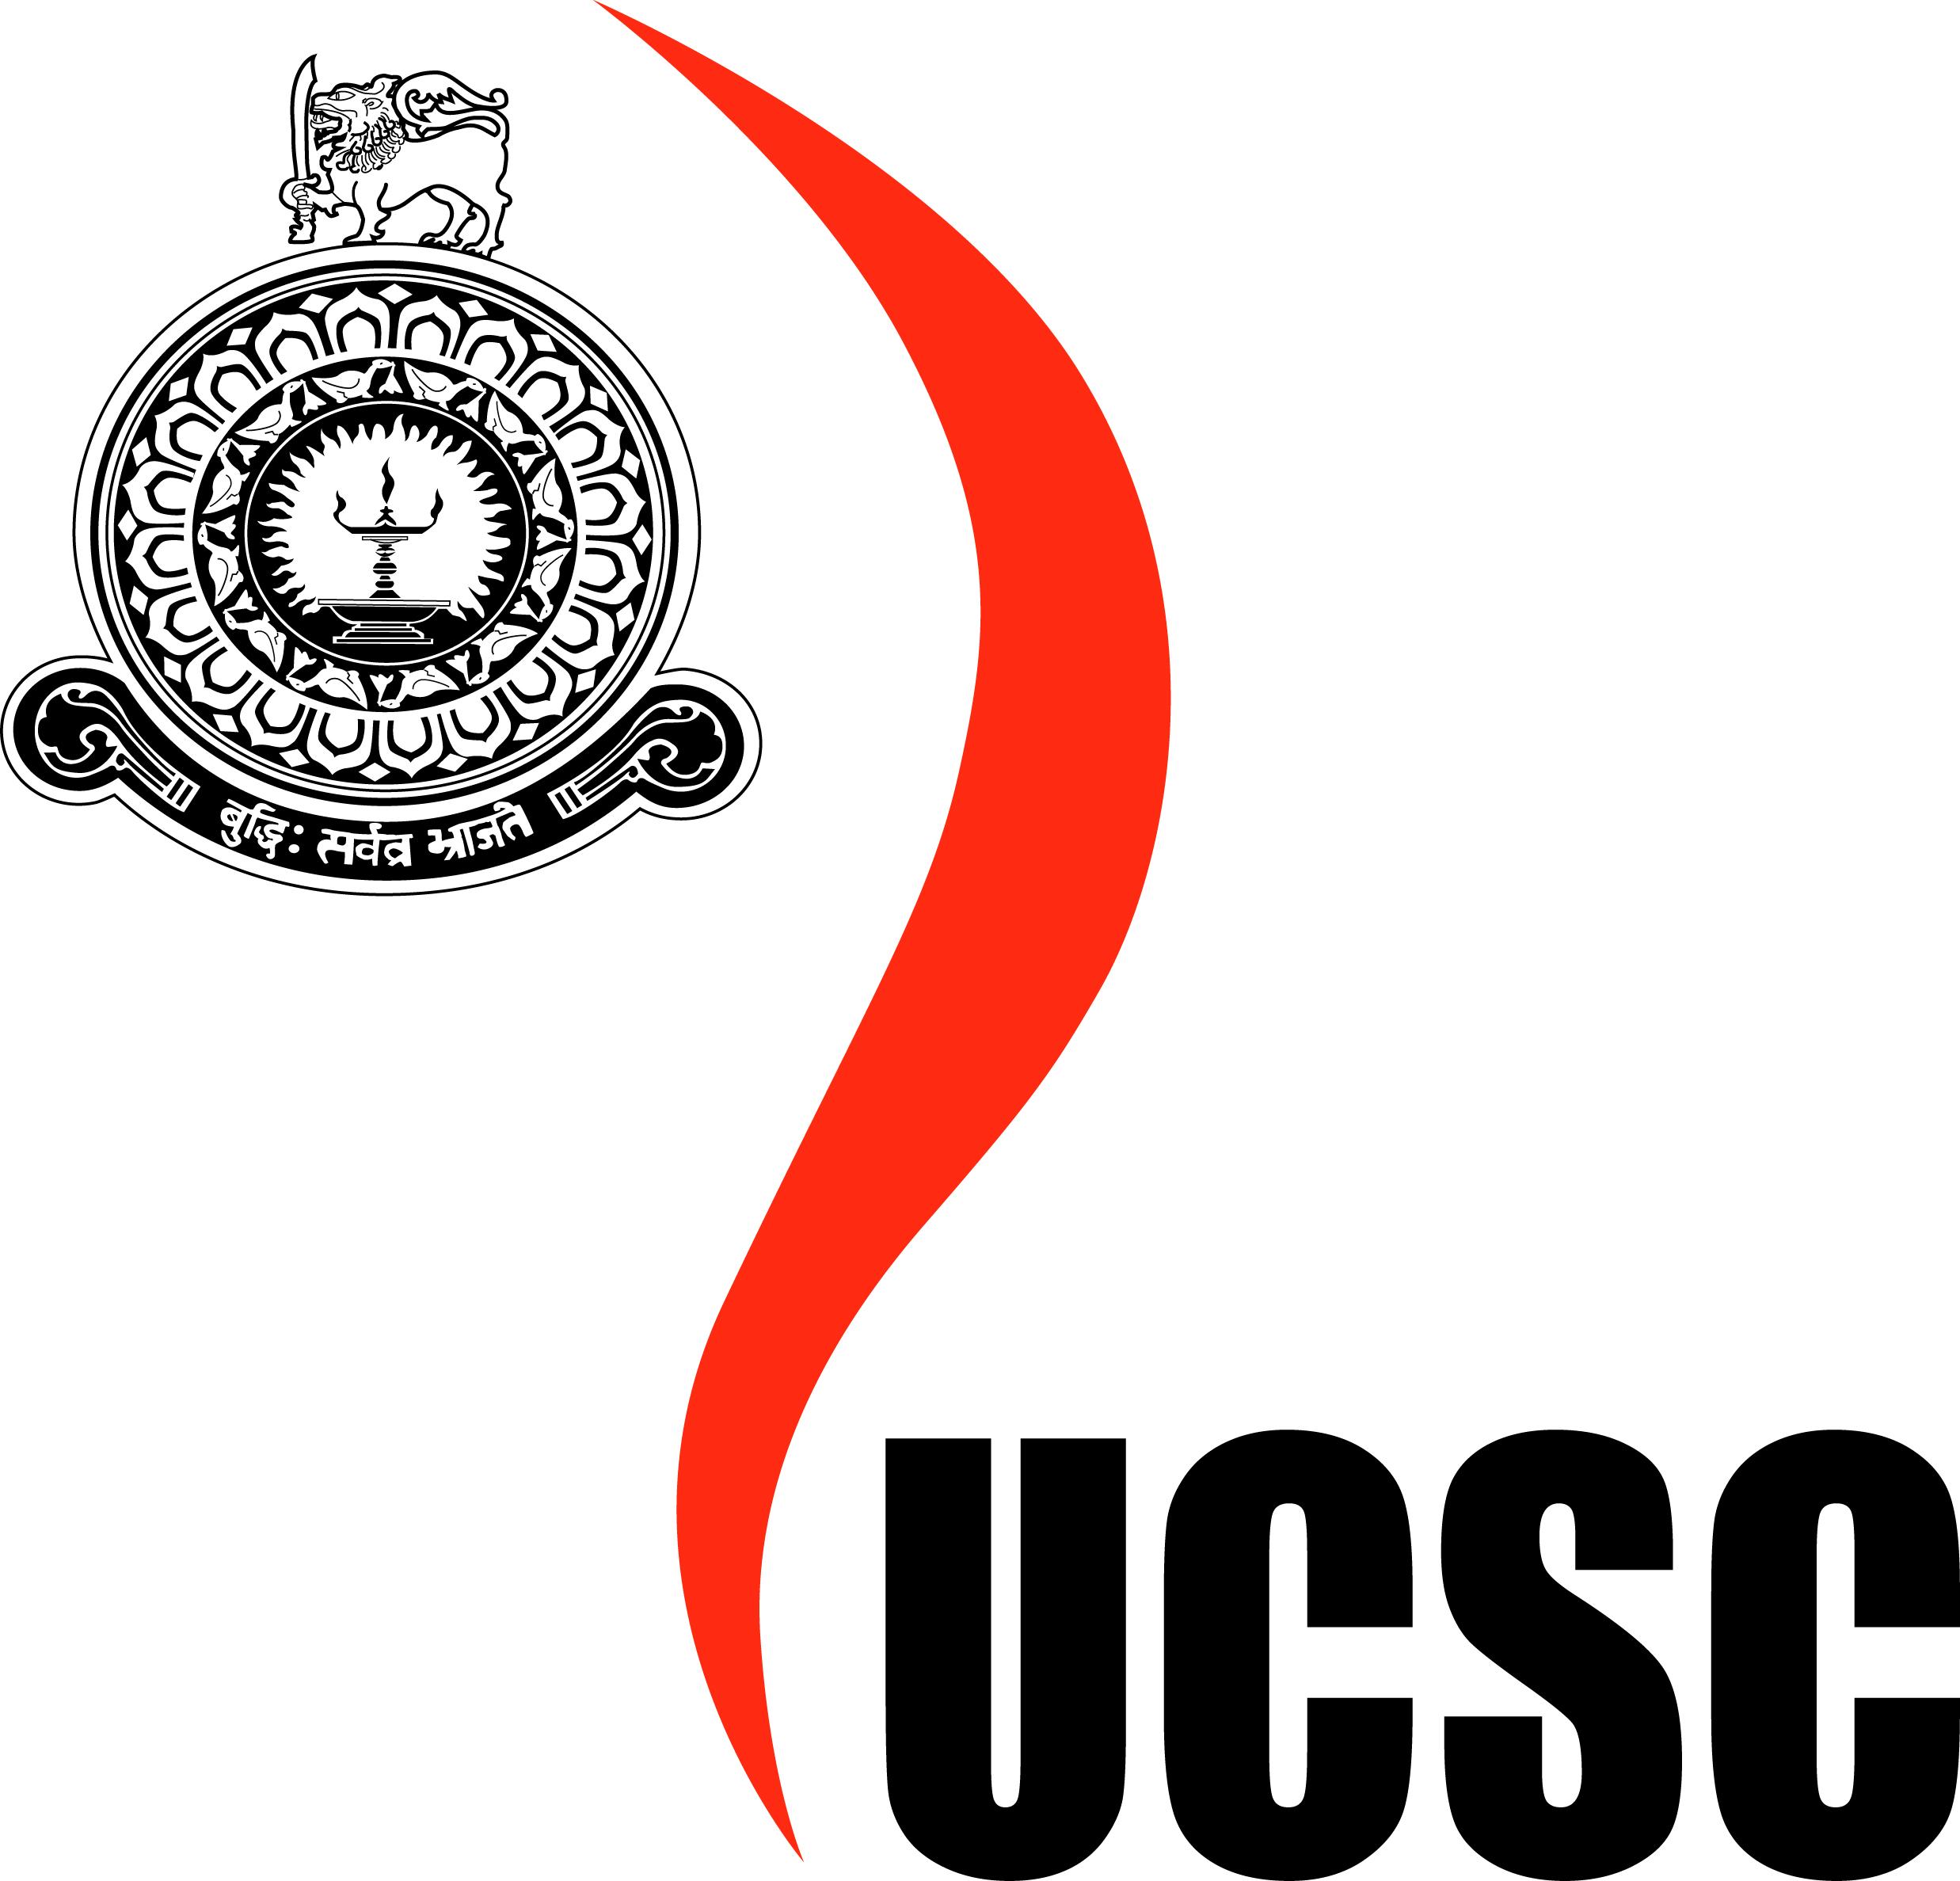 Ucsc Logos.